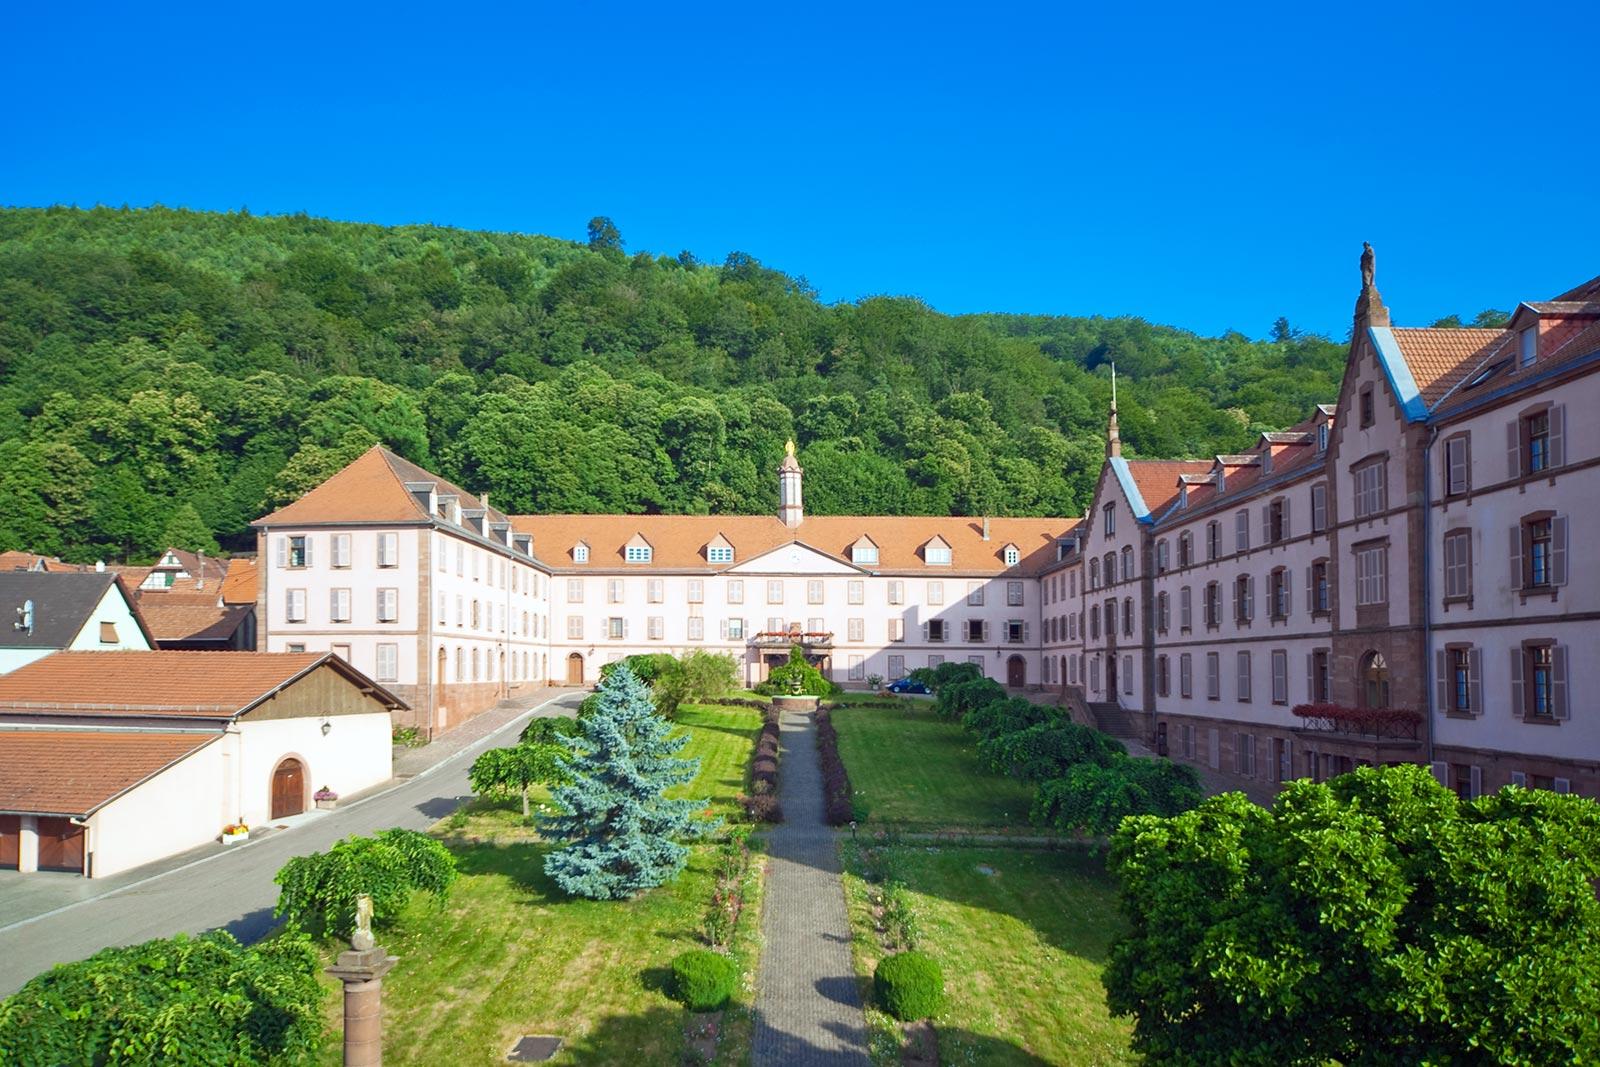 Maison des Sœurs du Très Saint-Sauveur, Oberbronn, Alsace, vue extérieure